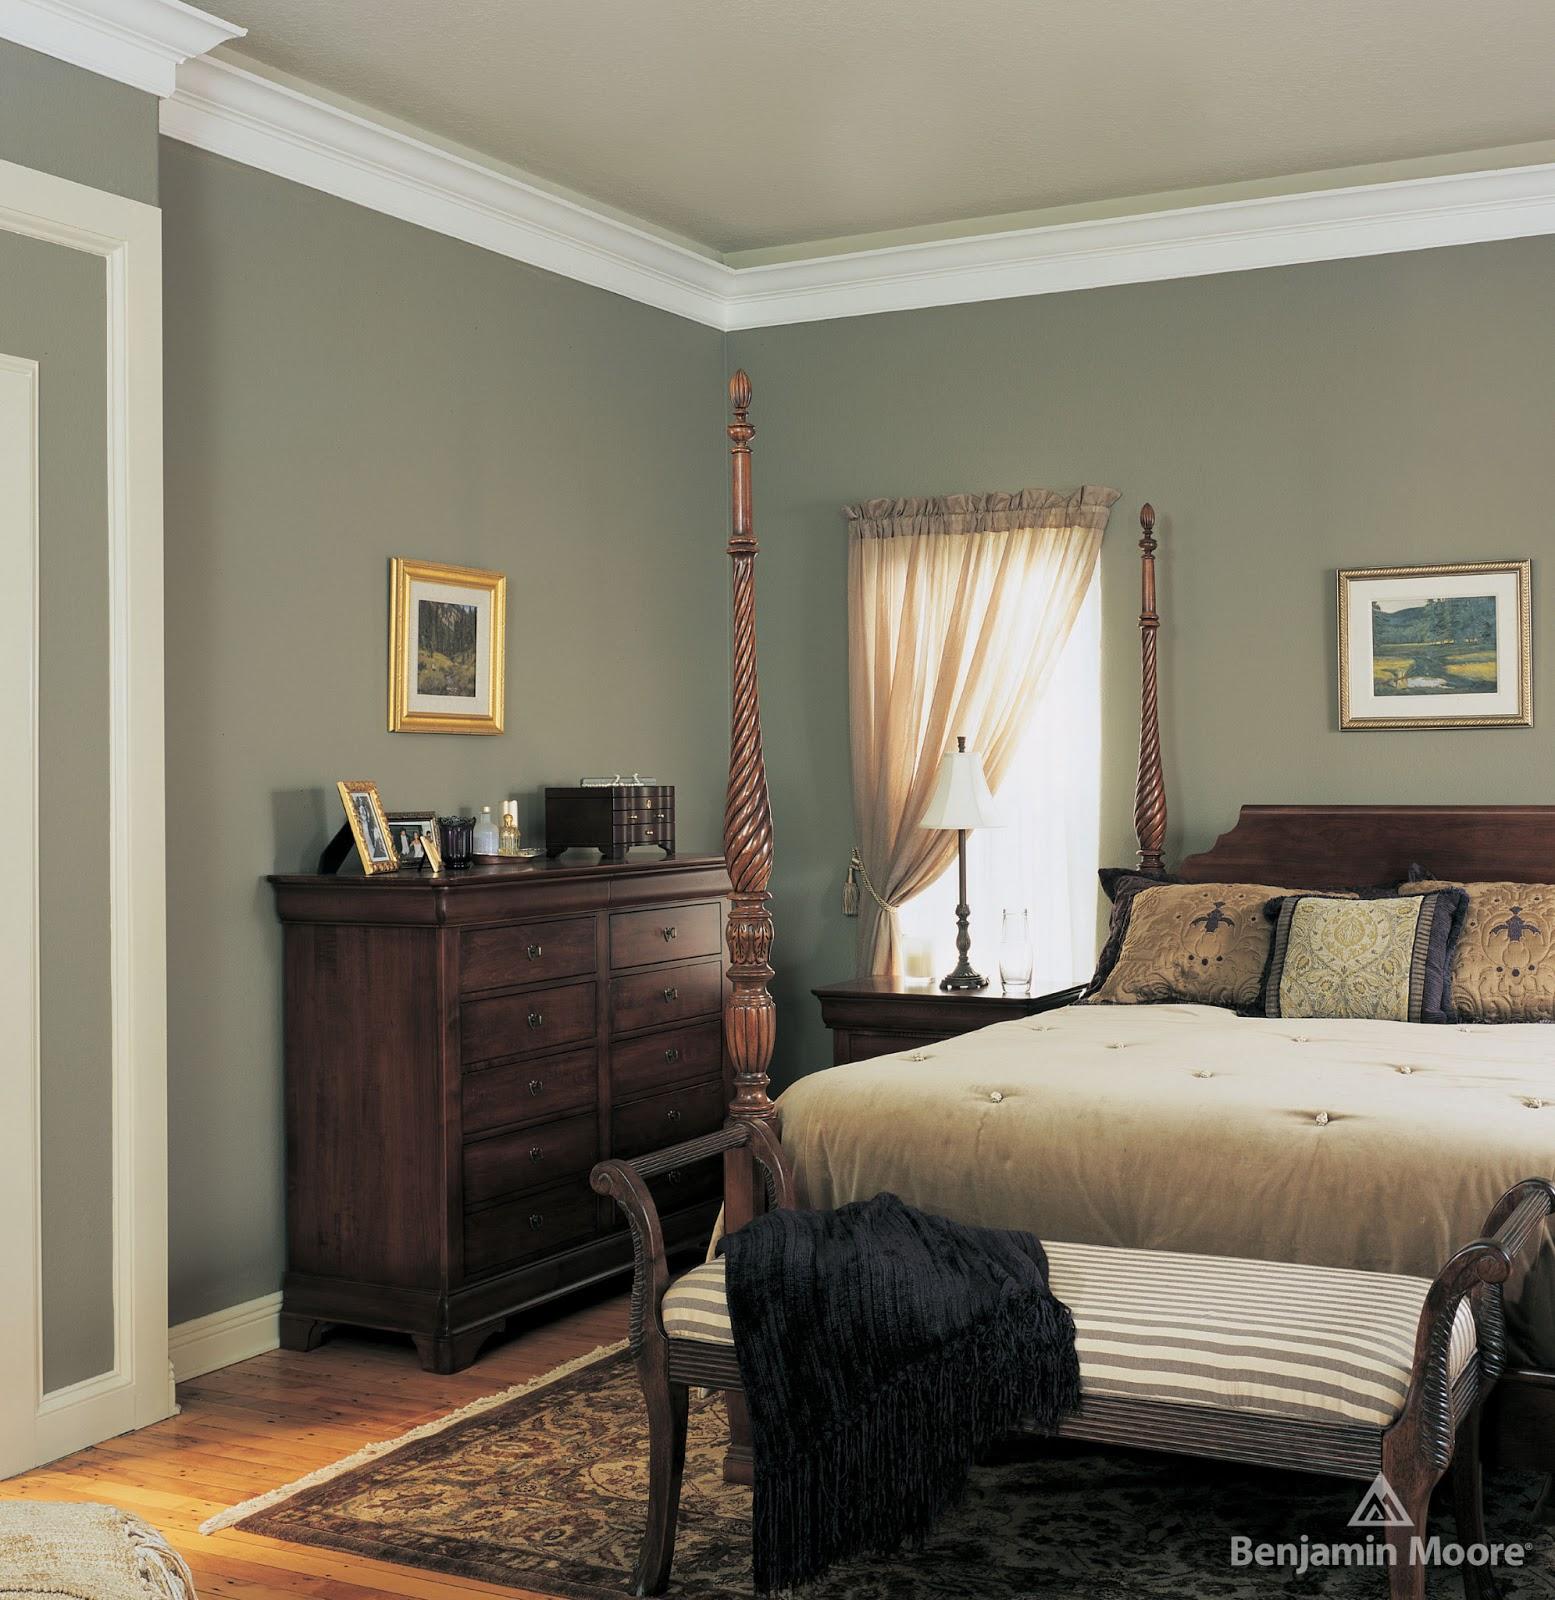 http://3.bp.blogspot.com/-59zNSvSvmIA/UW_5uh7bTqI/AAAAAAAAArY/JmQHuKnFhG0/s1600/Bedroom4.jpg